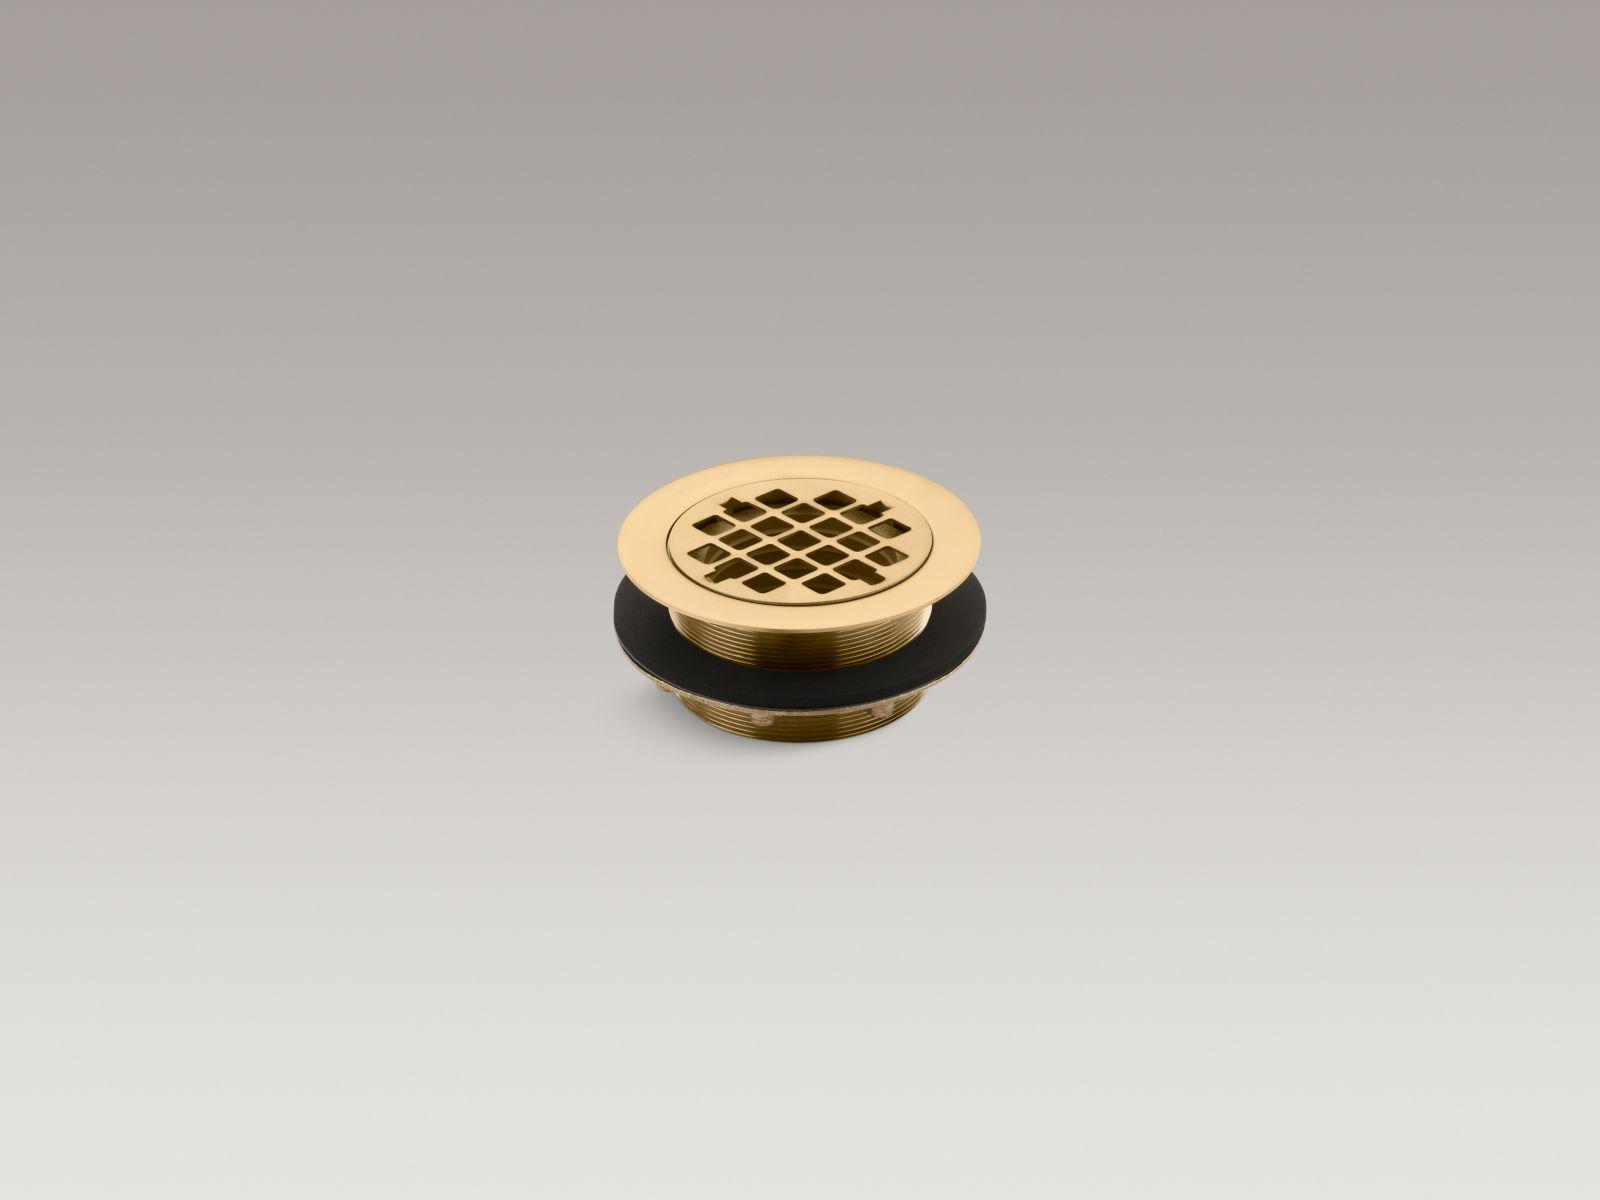 Kohler K-9132-BGD Round Shower Base Drain with Plastic Pipe Gasket Vibrant Moderne Brushed Gold